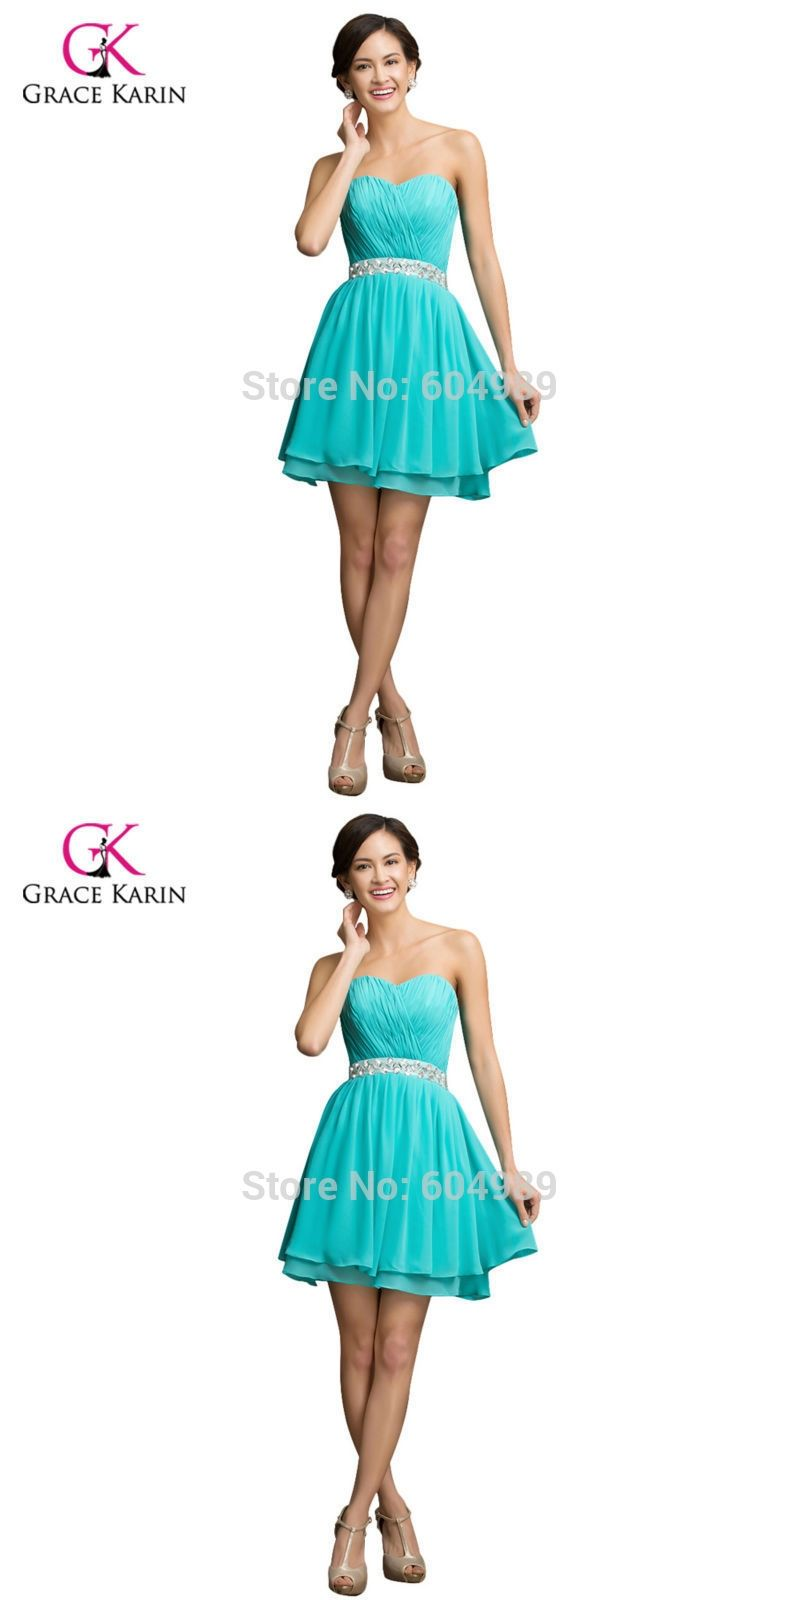 Grace karin plus size short prom dresses turquoise mini dinner